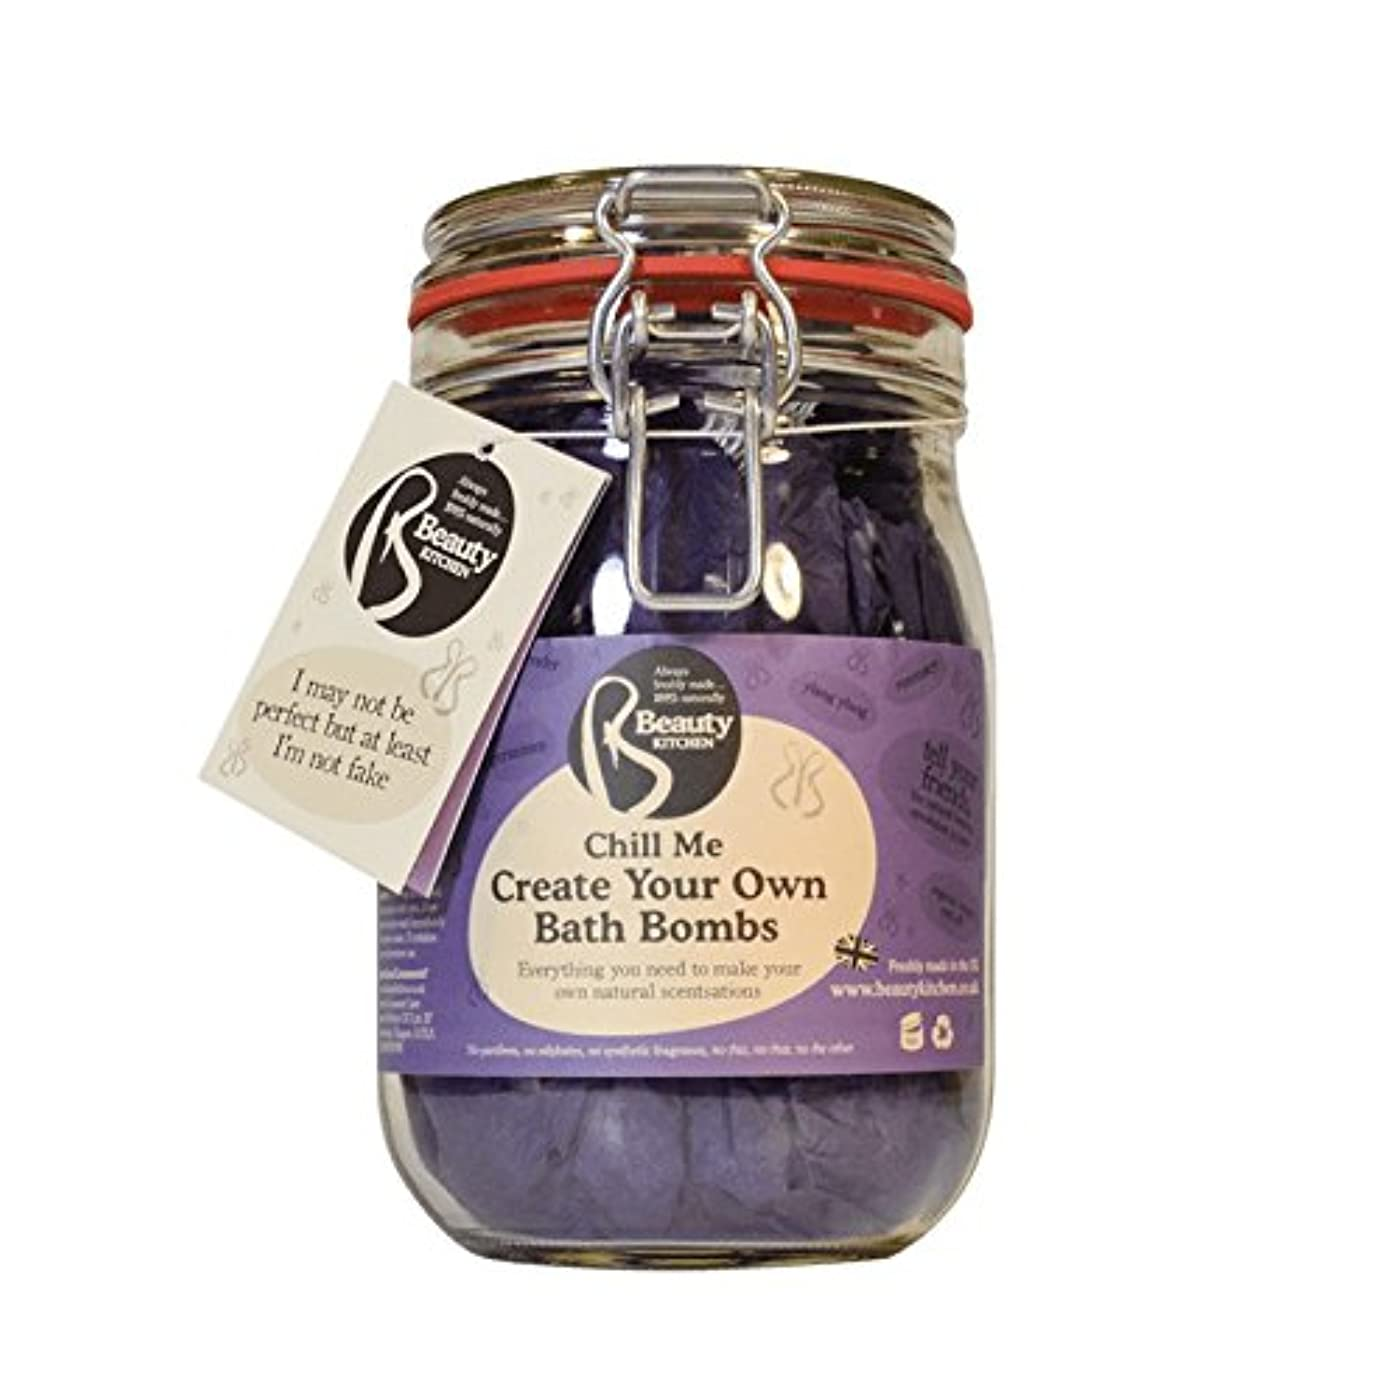 着服レンダリングエコーBeauty Kitchen Chill Me Create Your Own Bath Bomb Kit (Pack of 2) - 美しさのキッチンは私が自分自身の風呂爆弾キットを作成して冷やします (x2) [並行輸入品]